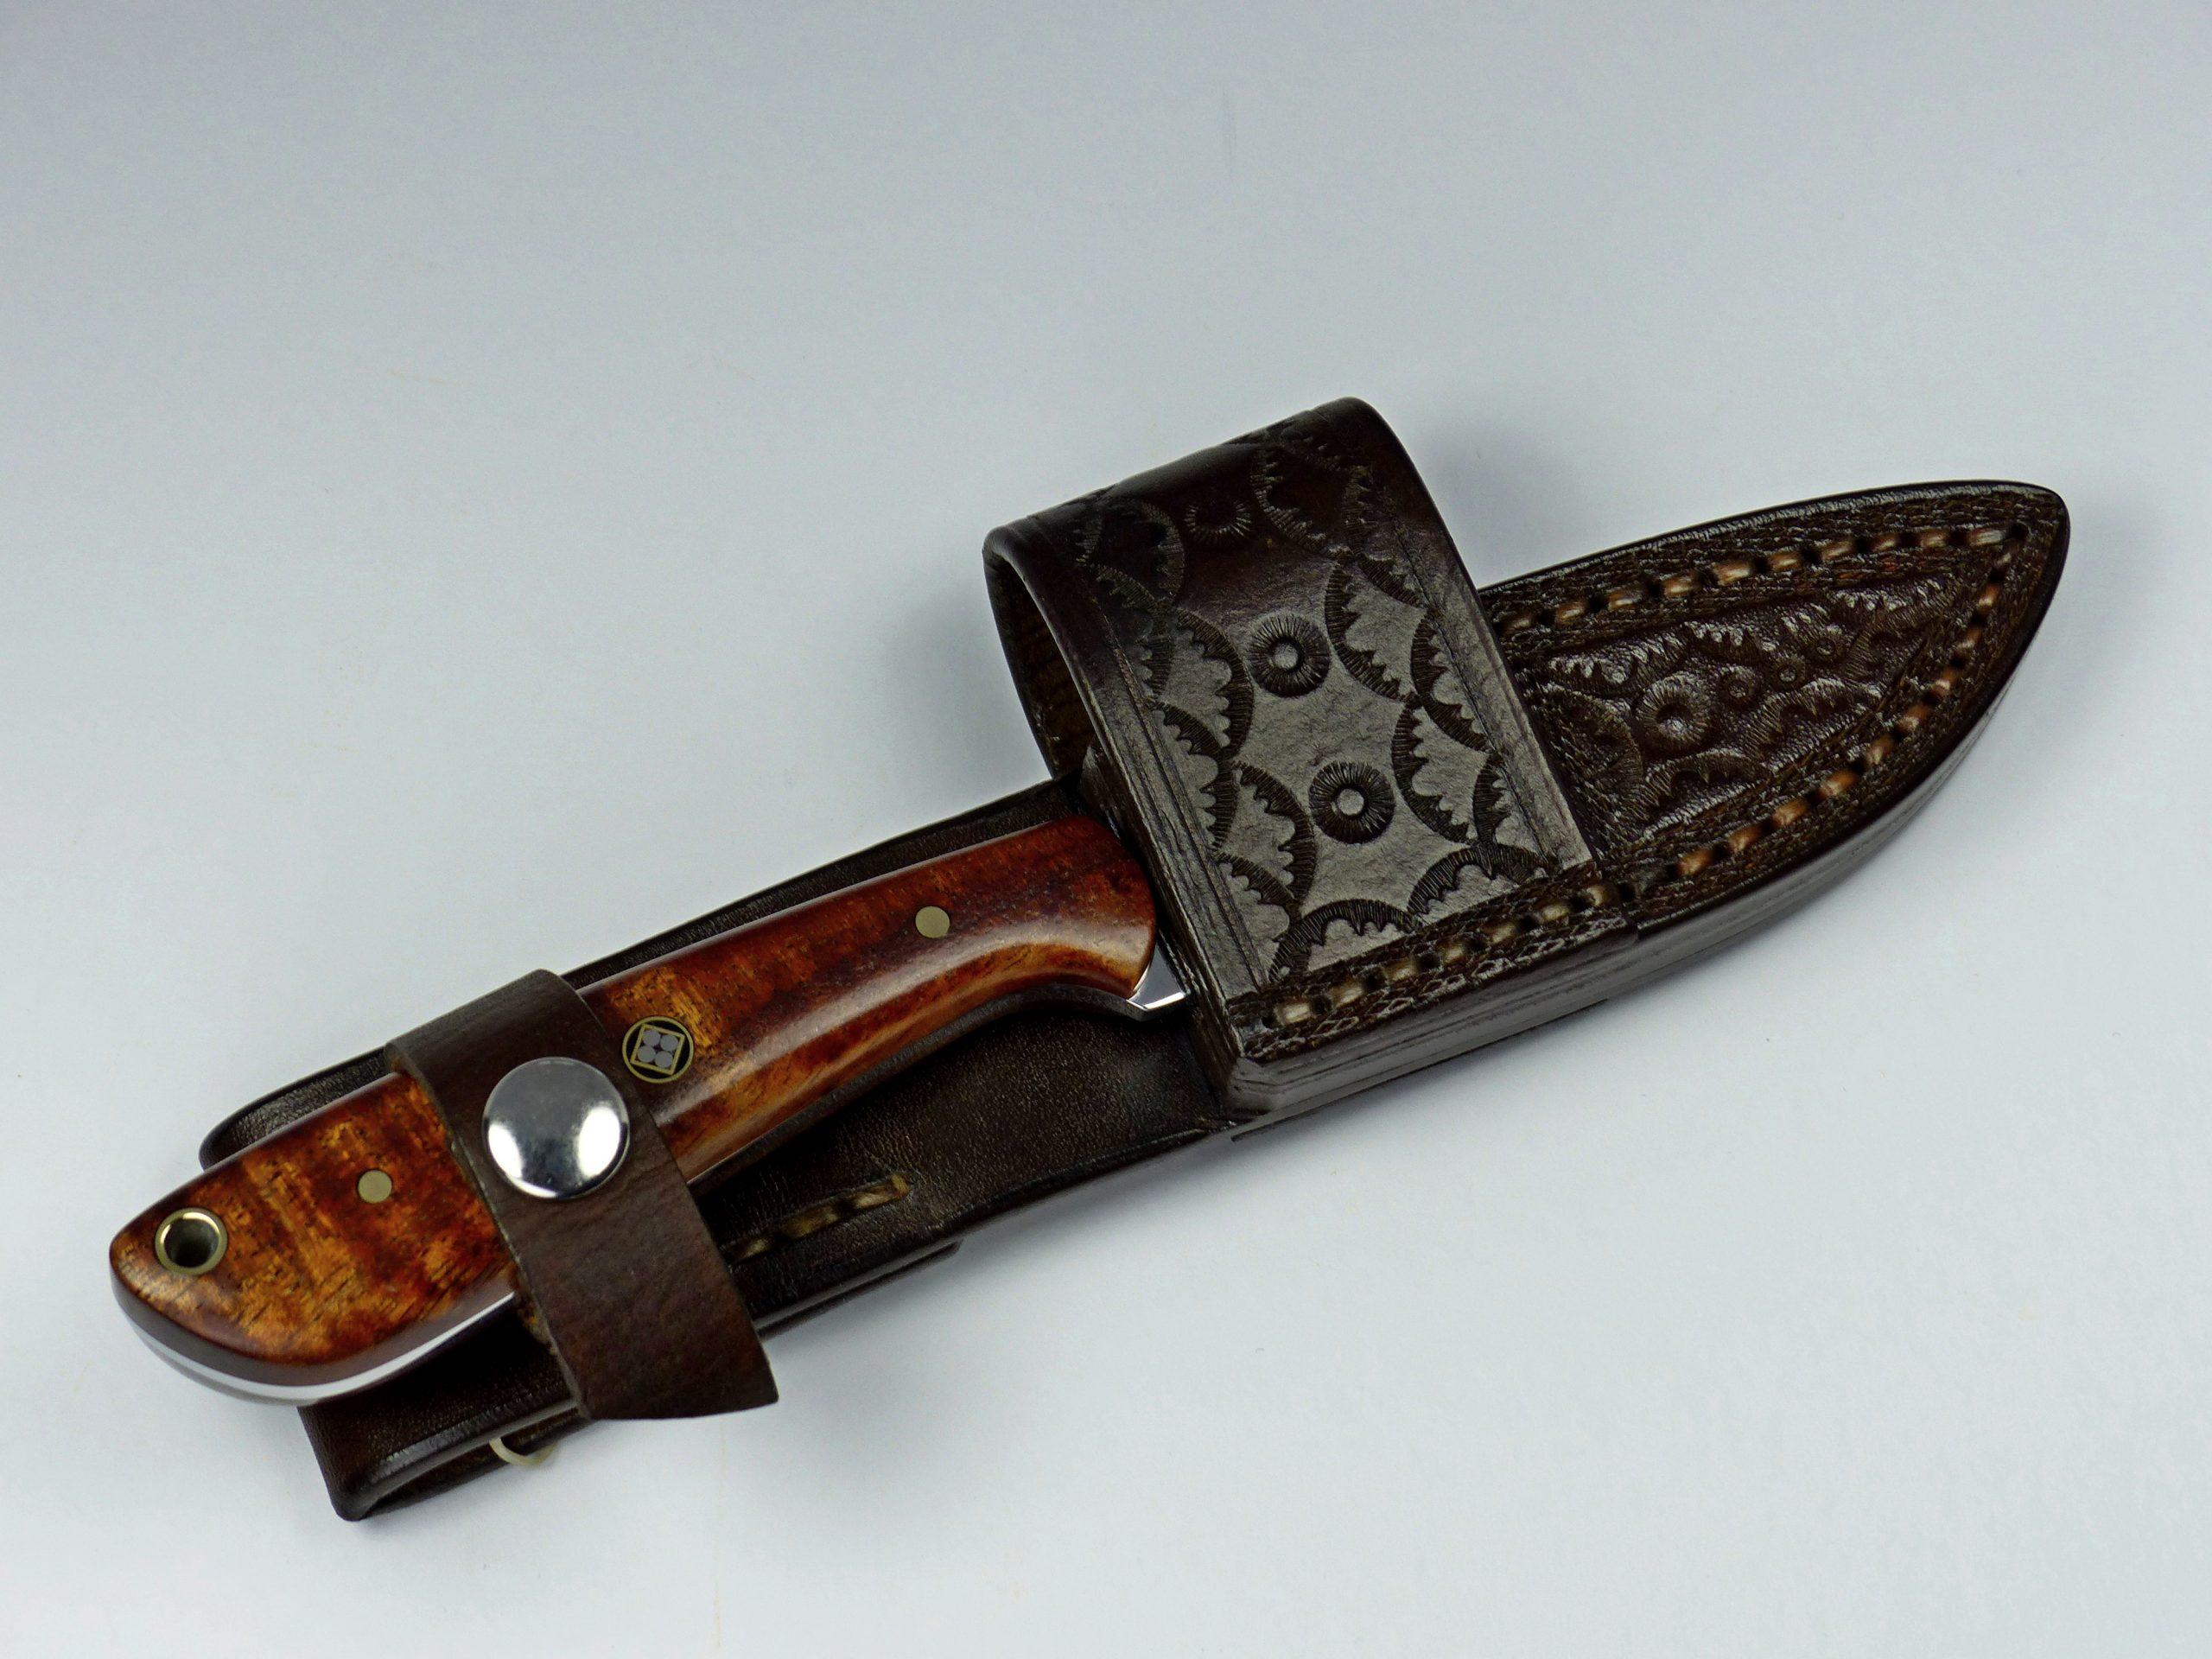 E5 - Curly Koa EDC knife and sheath